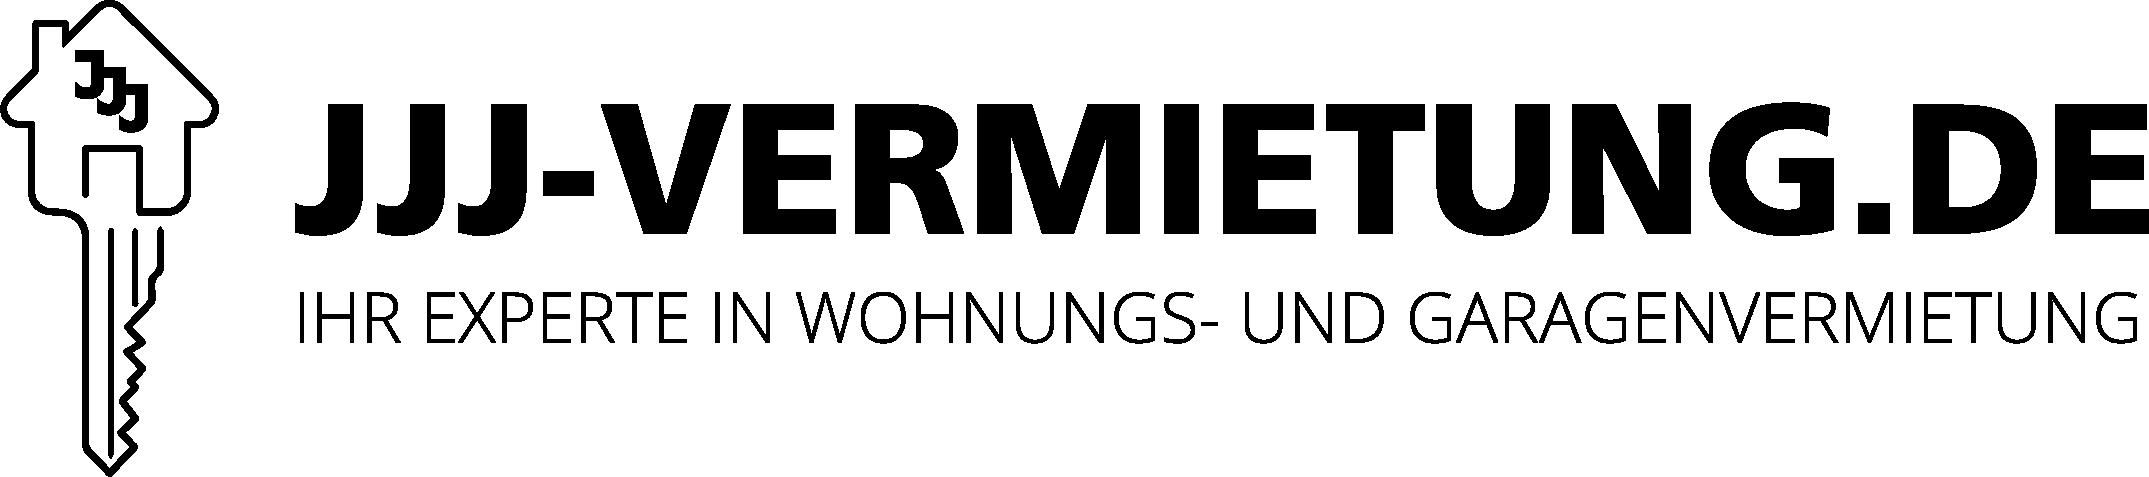 JJJ-Vermietung